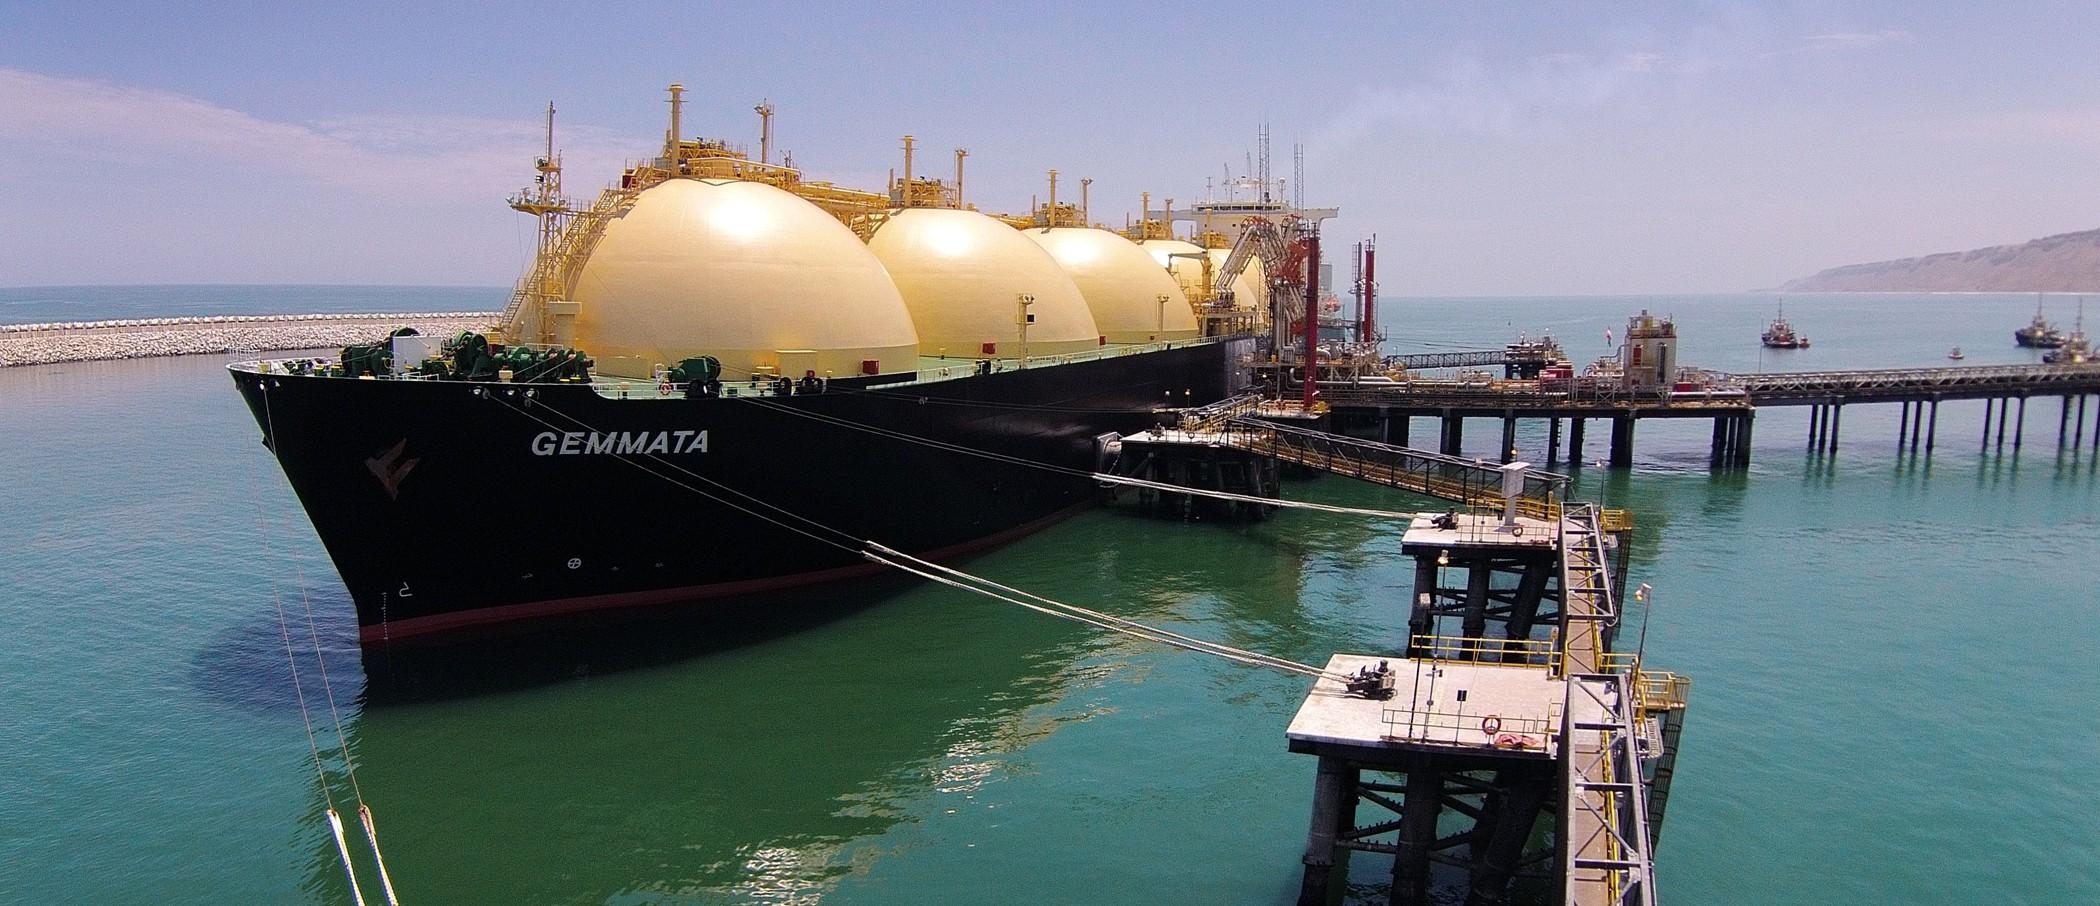 Mientras reparan rotura de ducto, LNG suspende exportación de gas natural licuado